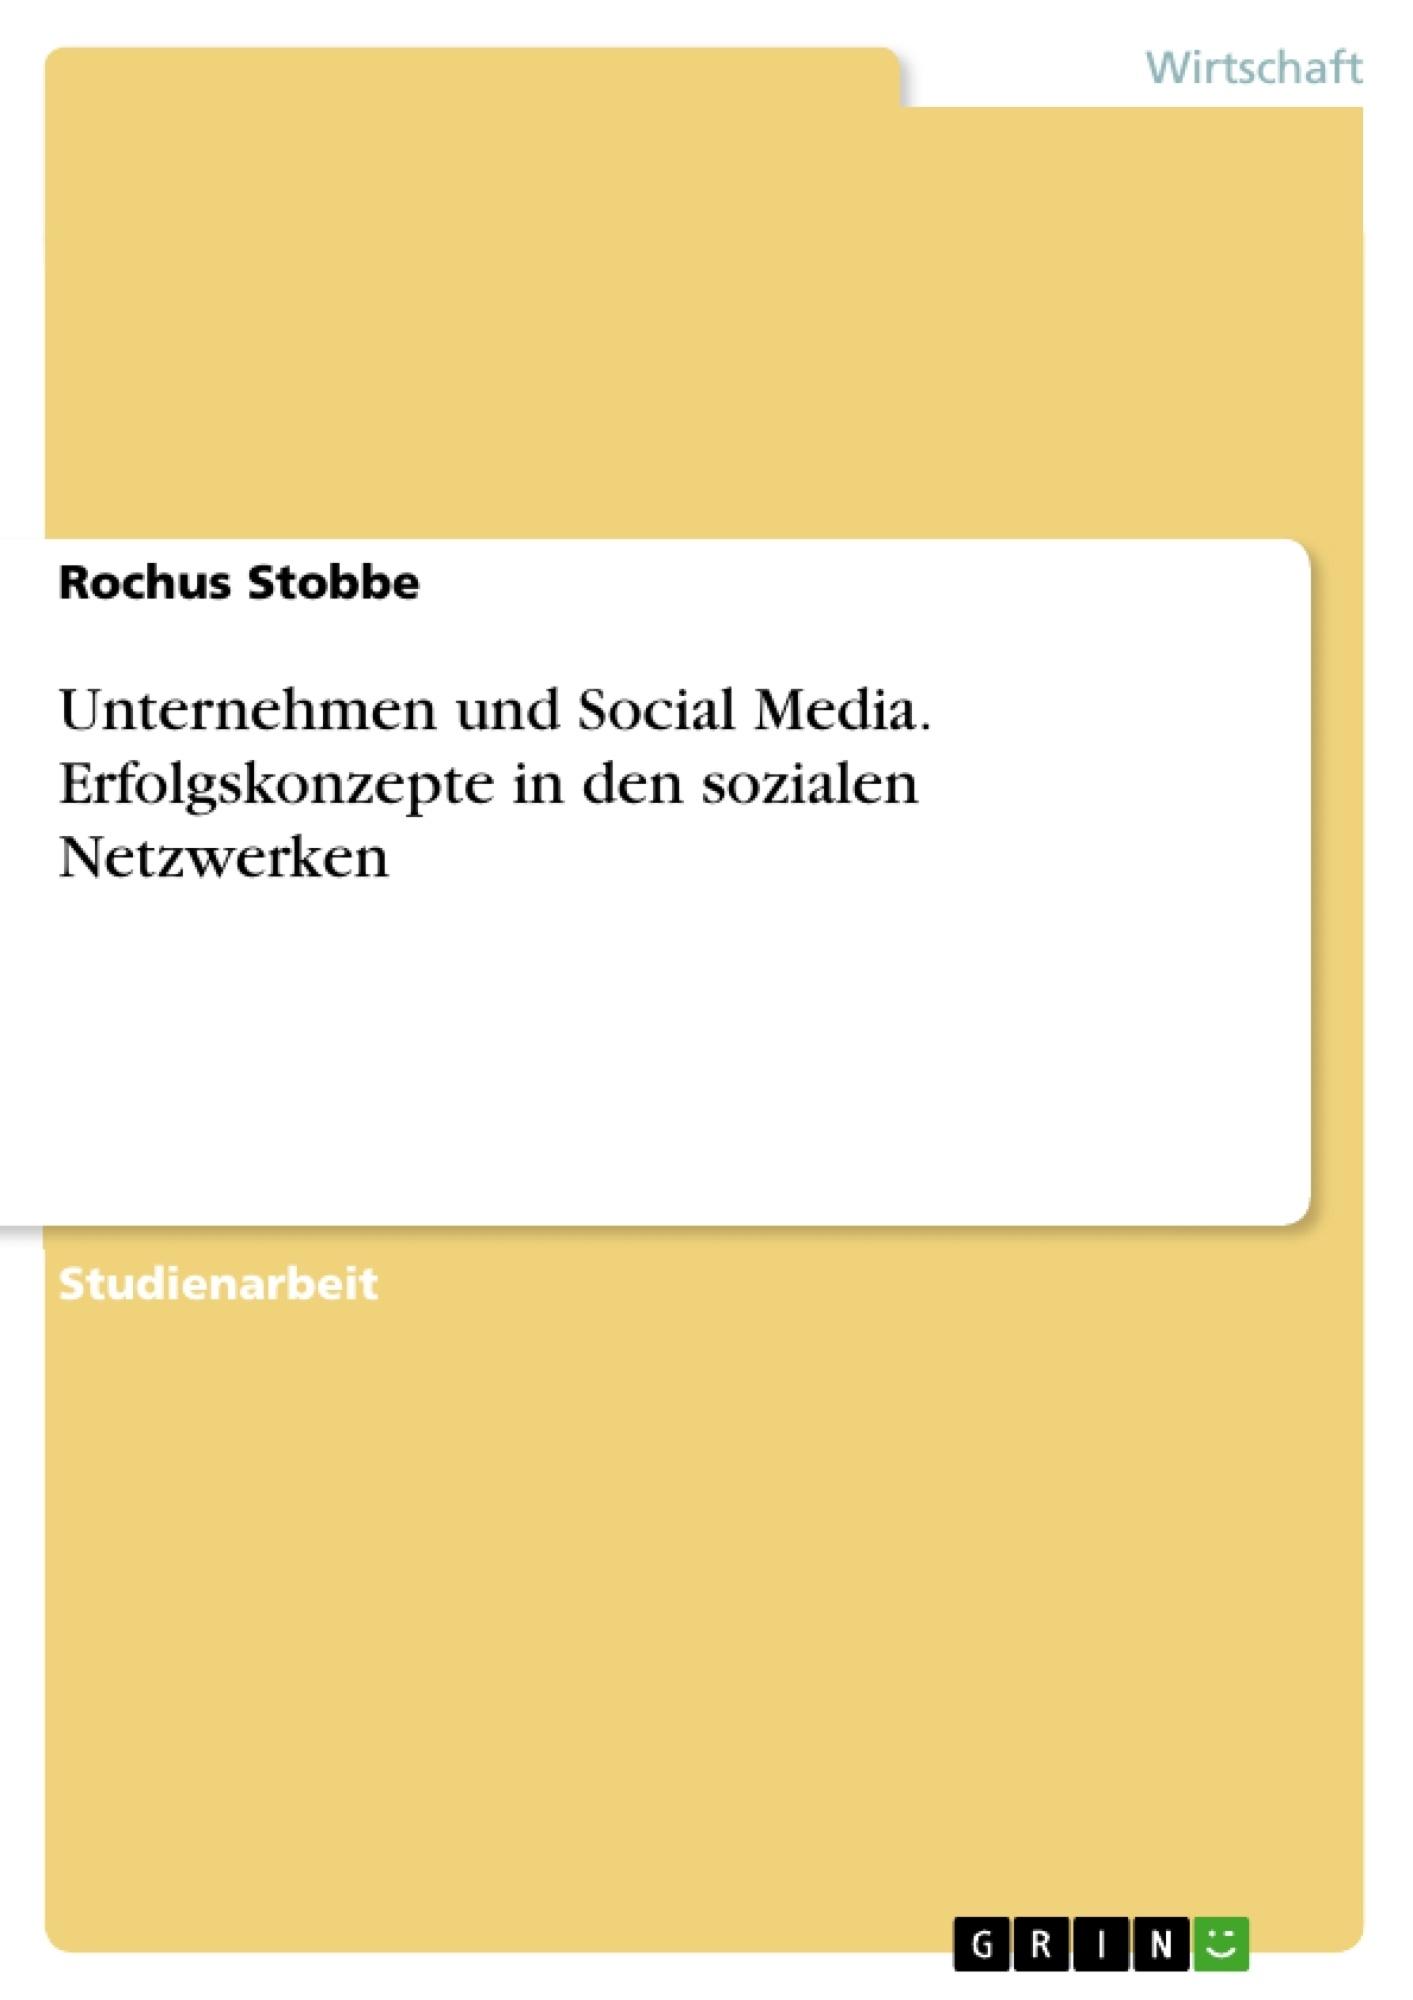 Titel: Unternehmen und Social Media. Erfolgskonzepte in den sozialen Netzwerken